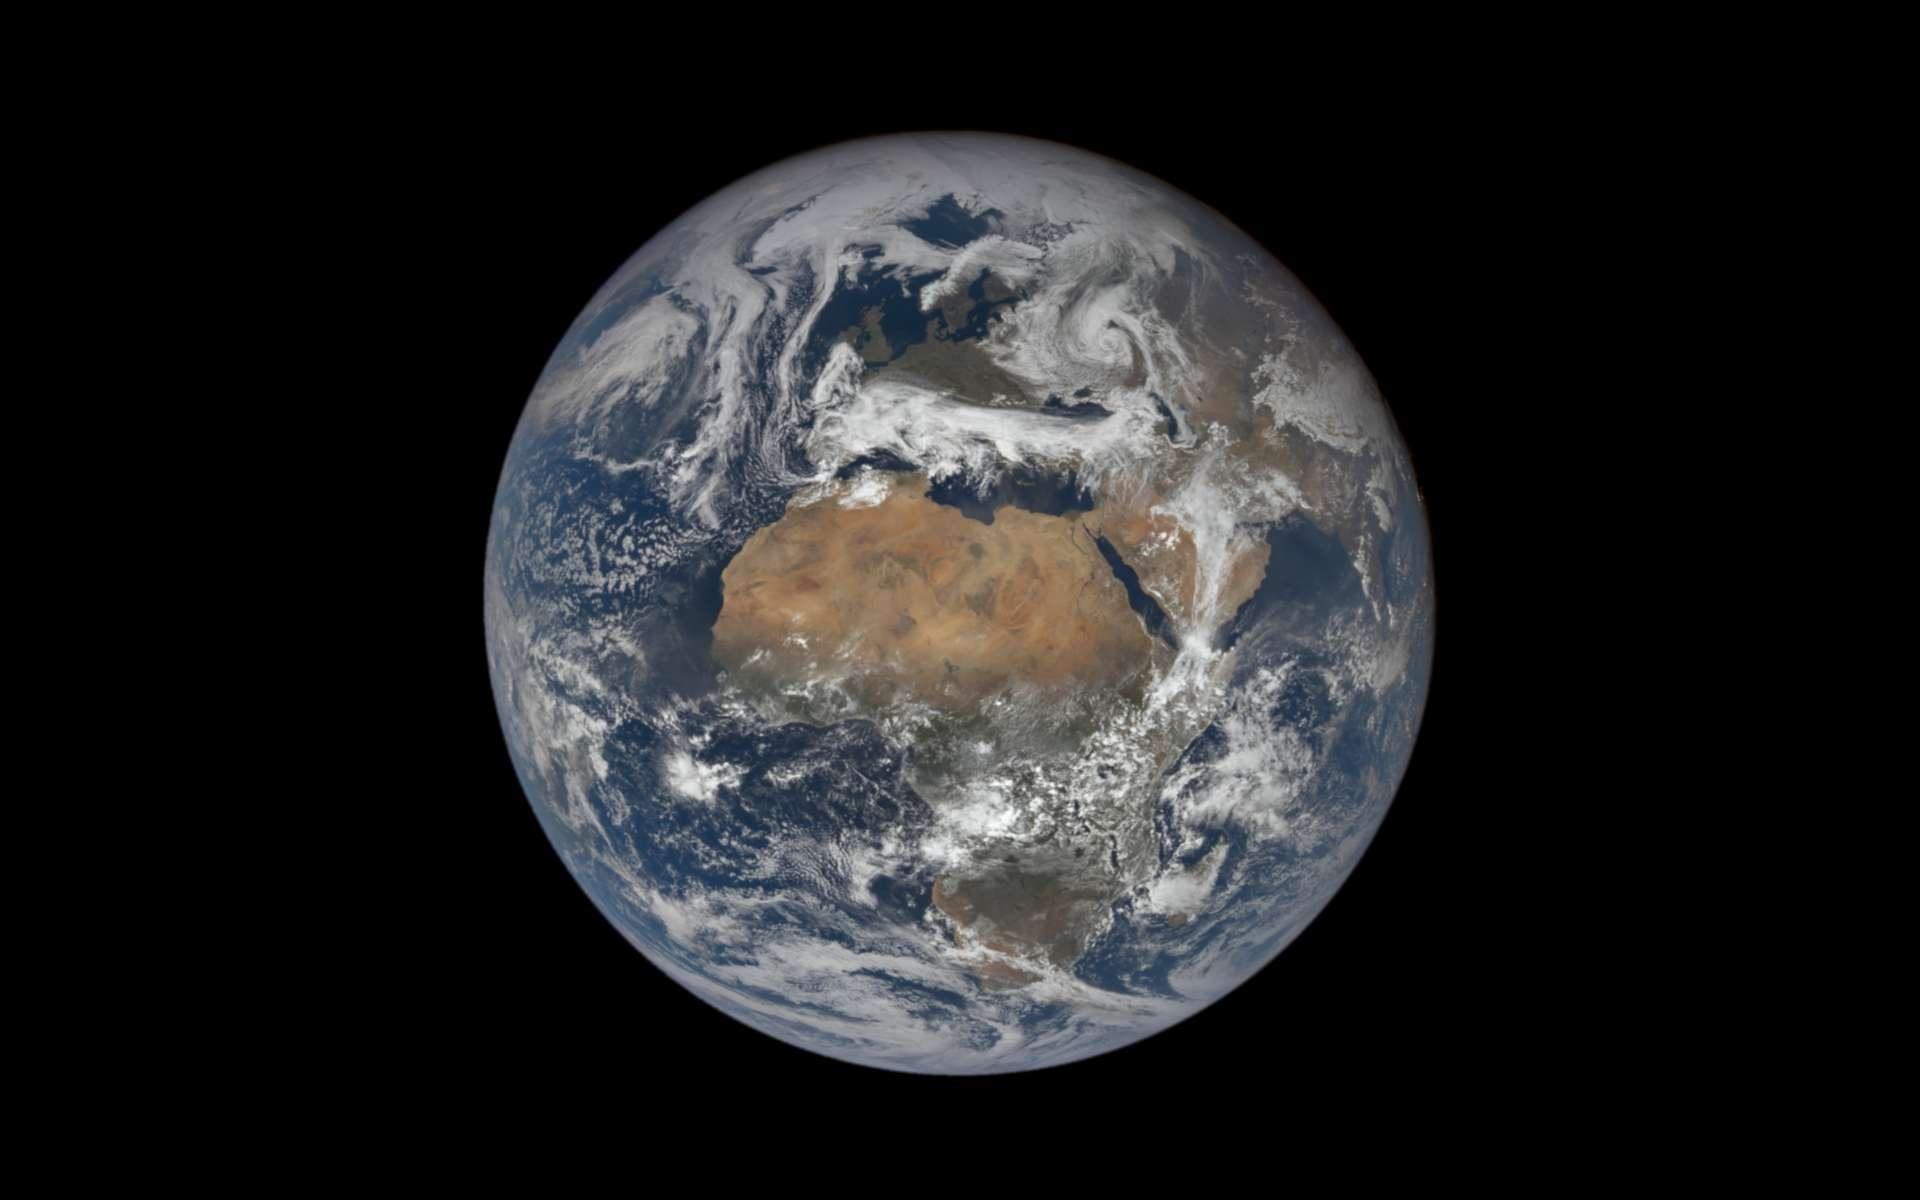 La Terre, le 22 avril 2020, photographiée par le satellite DSCOVR. Ce dernier ne la quitte pas des yeux depuis le début de sa mission et offre ainsi aux Terriens un regard sur l'évolution de la Planète au fil des jours, des semaines, des mois, etc. © DSCOVR, Nasa